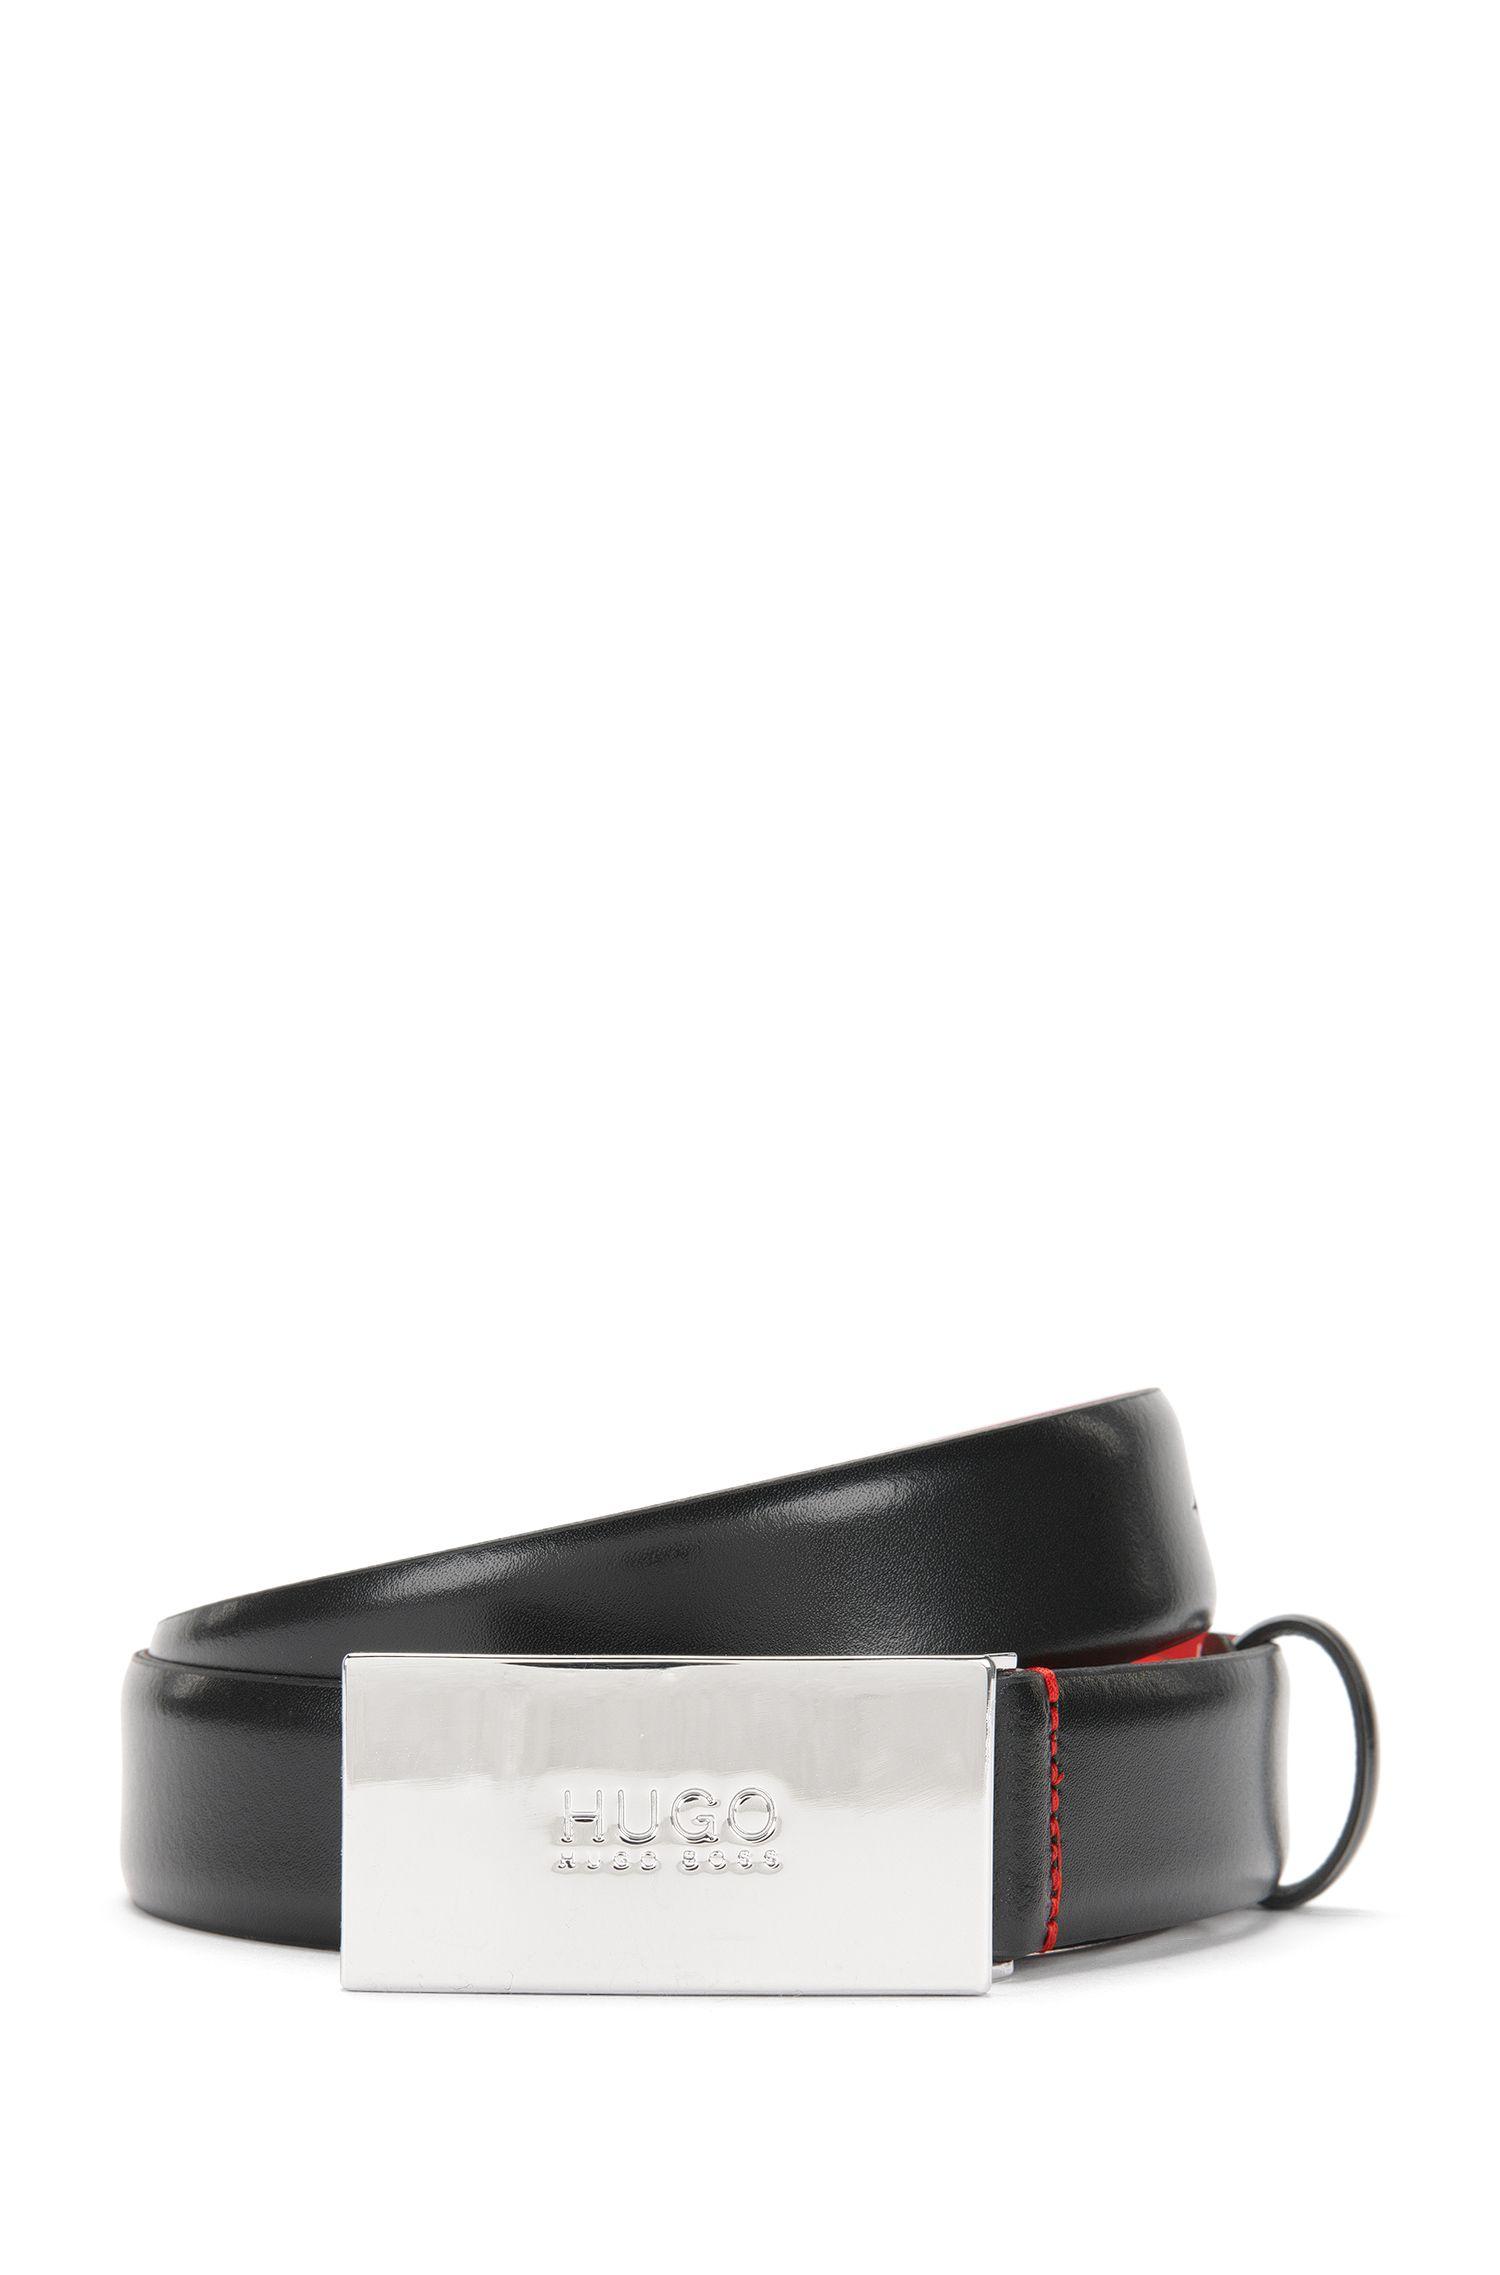 Cinturón de piel con hebilla metálica y logo grabado: 'BALDWIN-N'